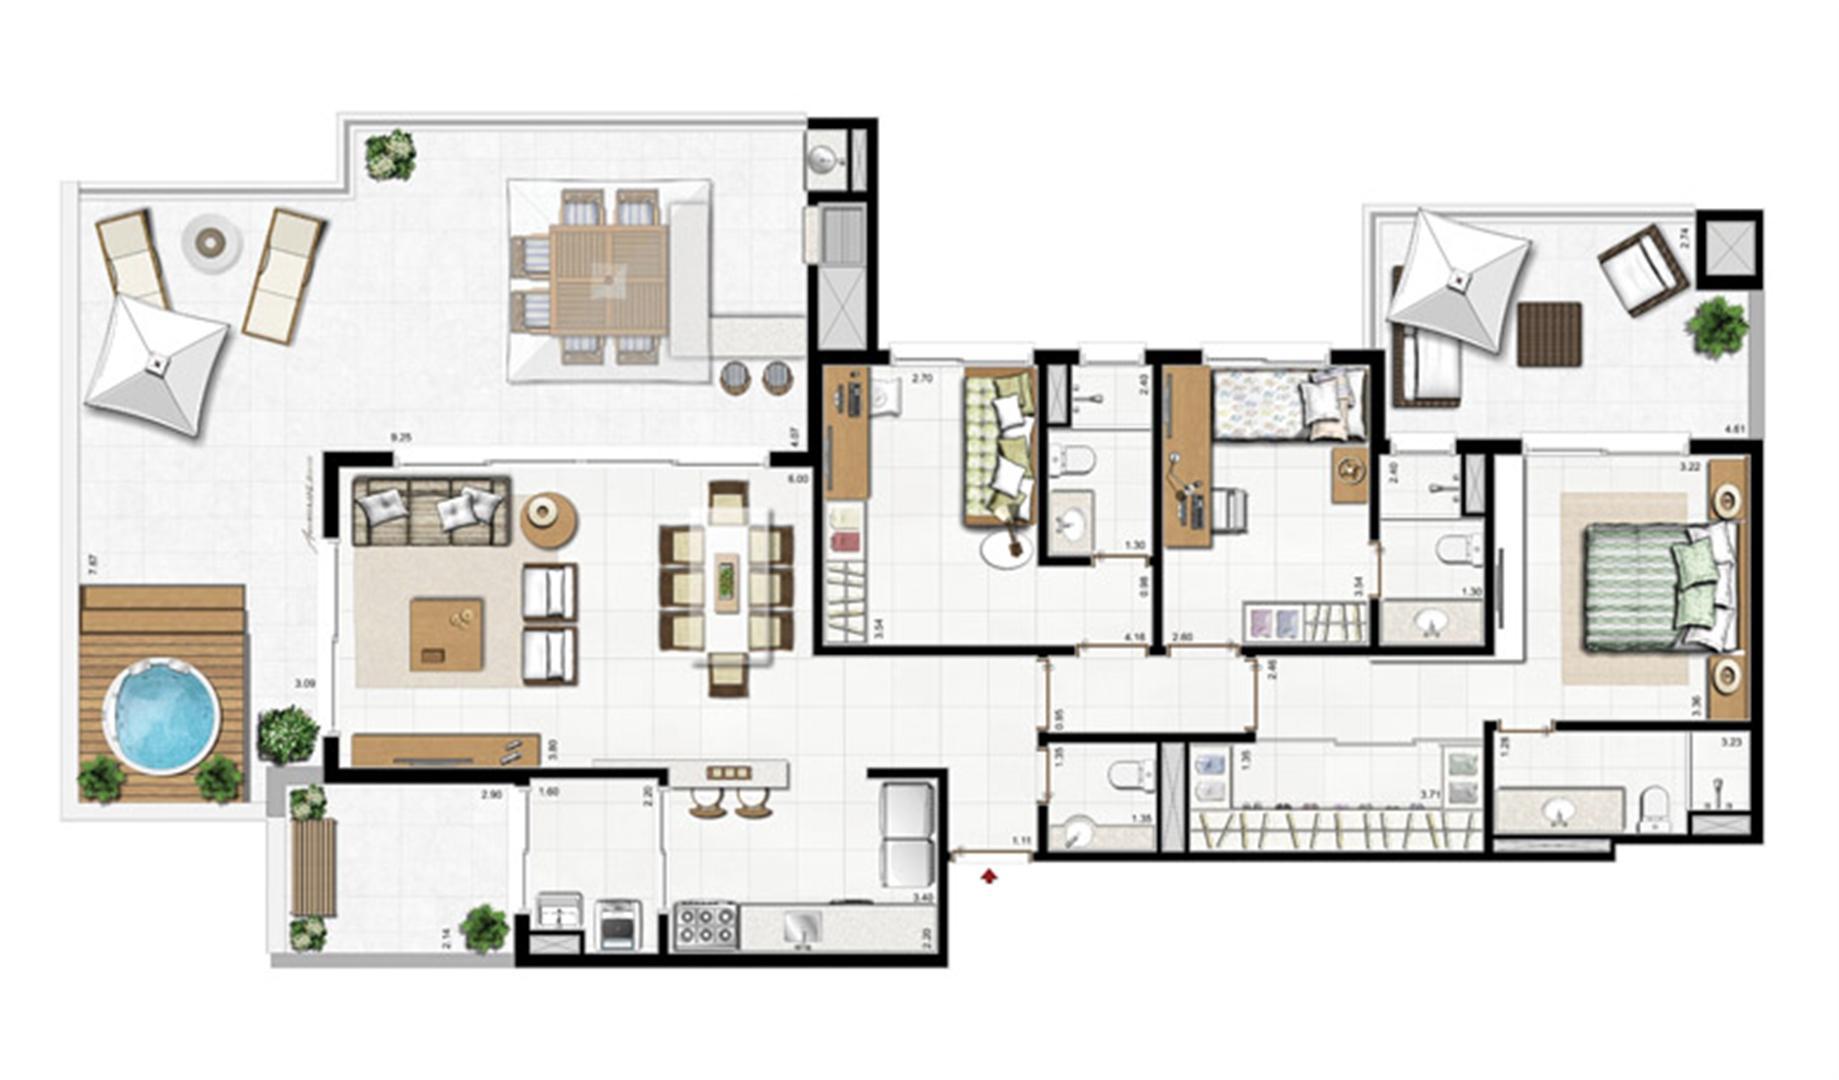 2 dorm com suíte   Planta padrão  78 m² privativos 115 m² de área total  | Visionnaire – Apartamento no  Abraão - Florianópolis - Santa Catarina